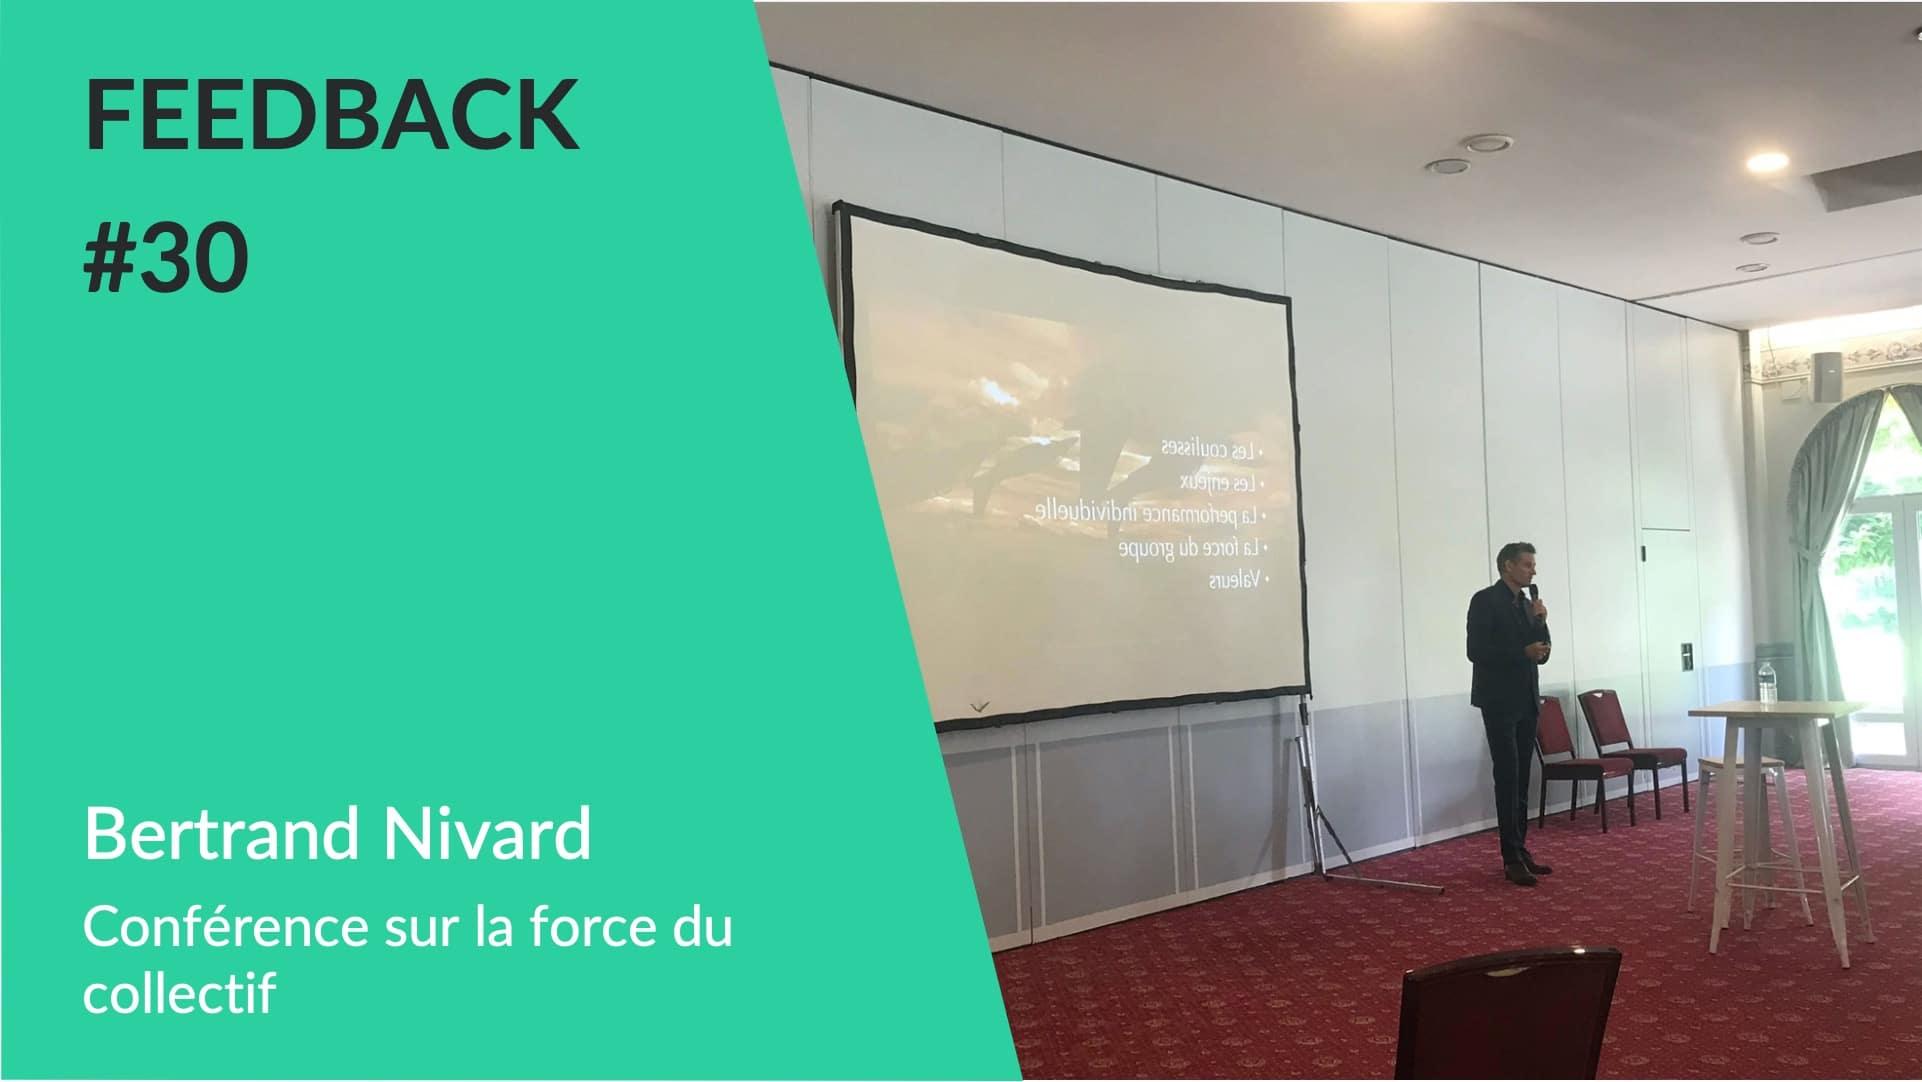 Conférence sur l'esprit d'équipe avec Bertrand Nivard